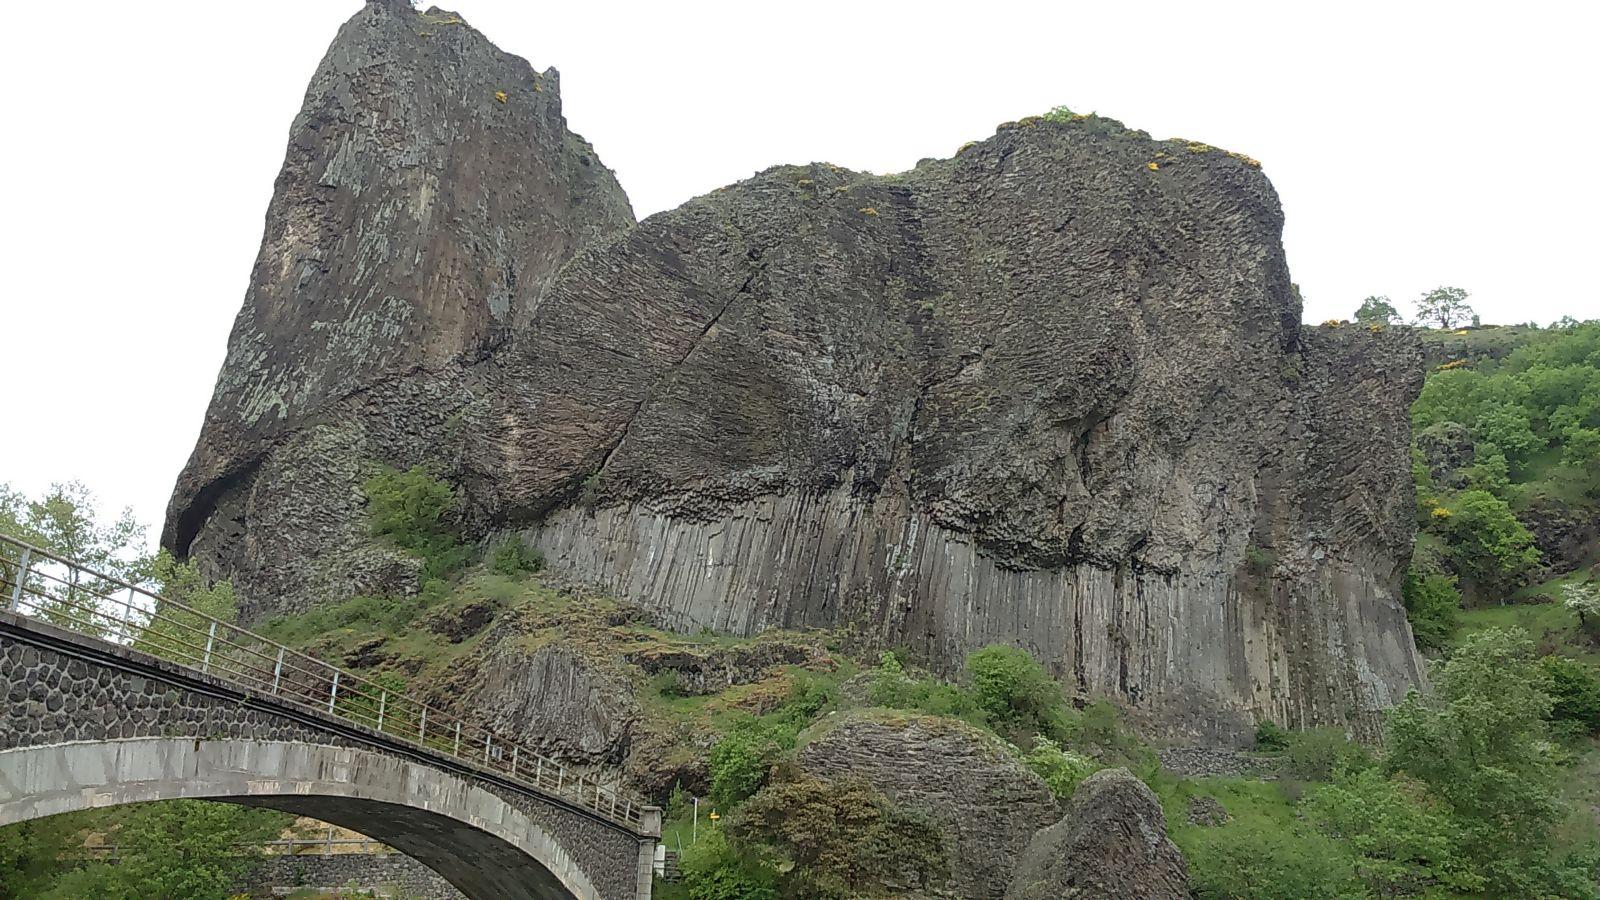 Roche Servière, merveille d'origine volcanique